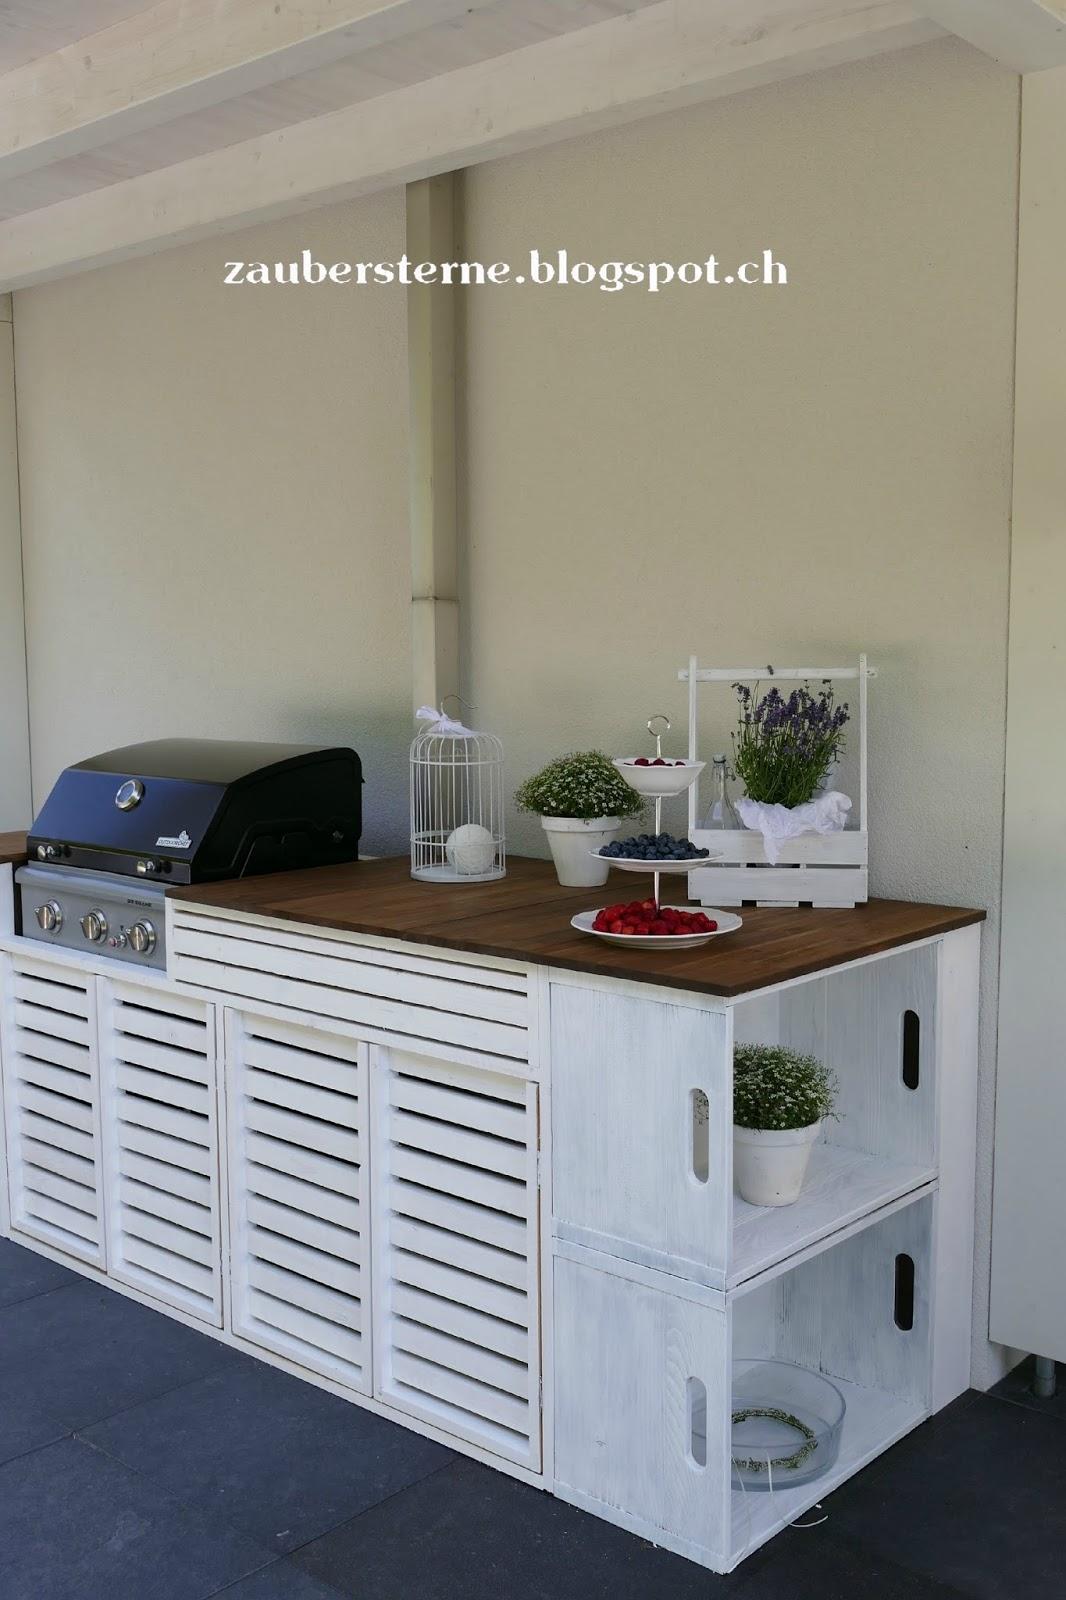 blog schweiz miriweber.ch : DIY Outdoorküche - draussen ist es am ...